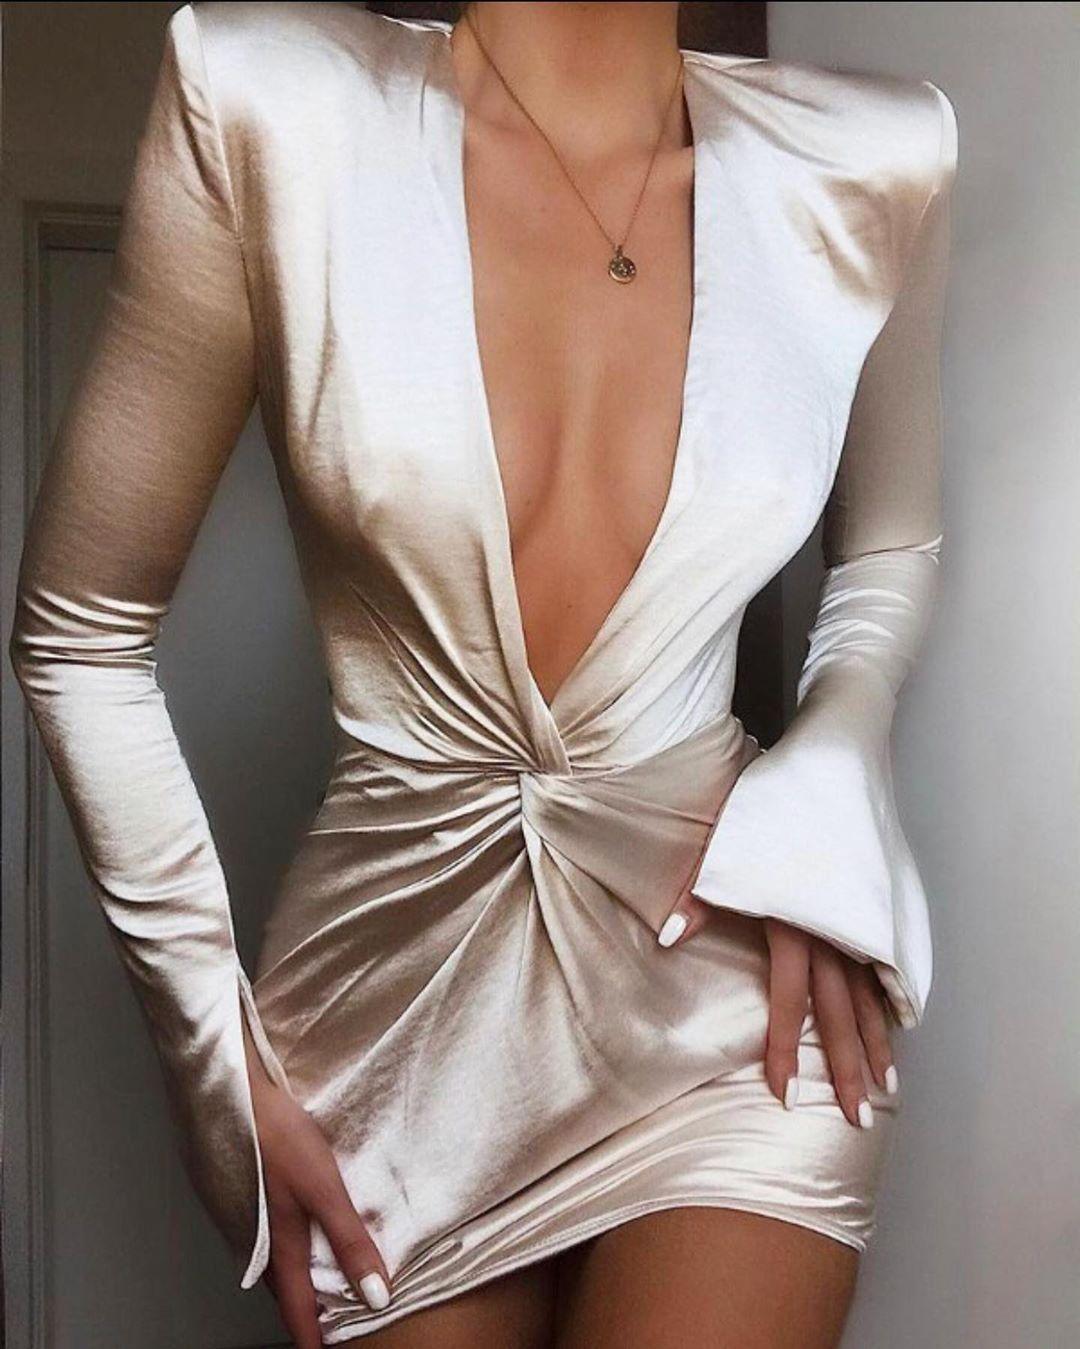 Somos Una Tienda Online Solo Para Chicas Con Ventas Presenciales En Ny Y Pronto Envios A To Clothes For Women Fashion Outfits Clothes